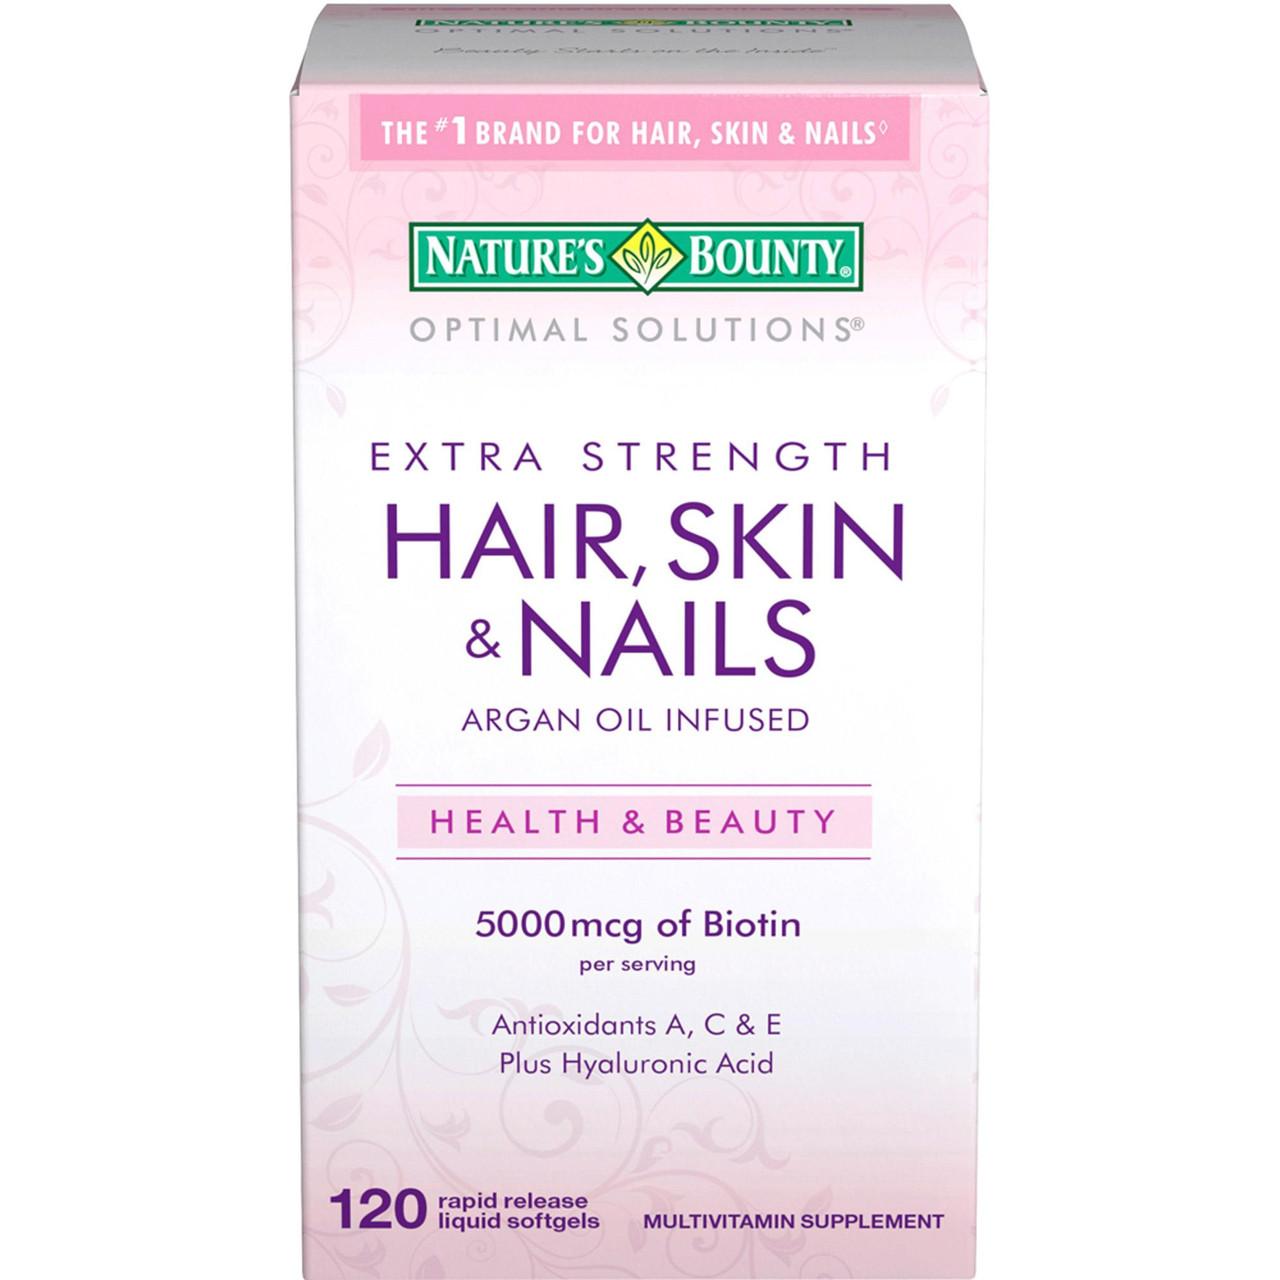 Витамины для волос, ногтей и кожи Nature's Bounty, 120 капсул. Сделано в США.